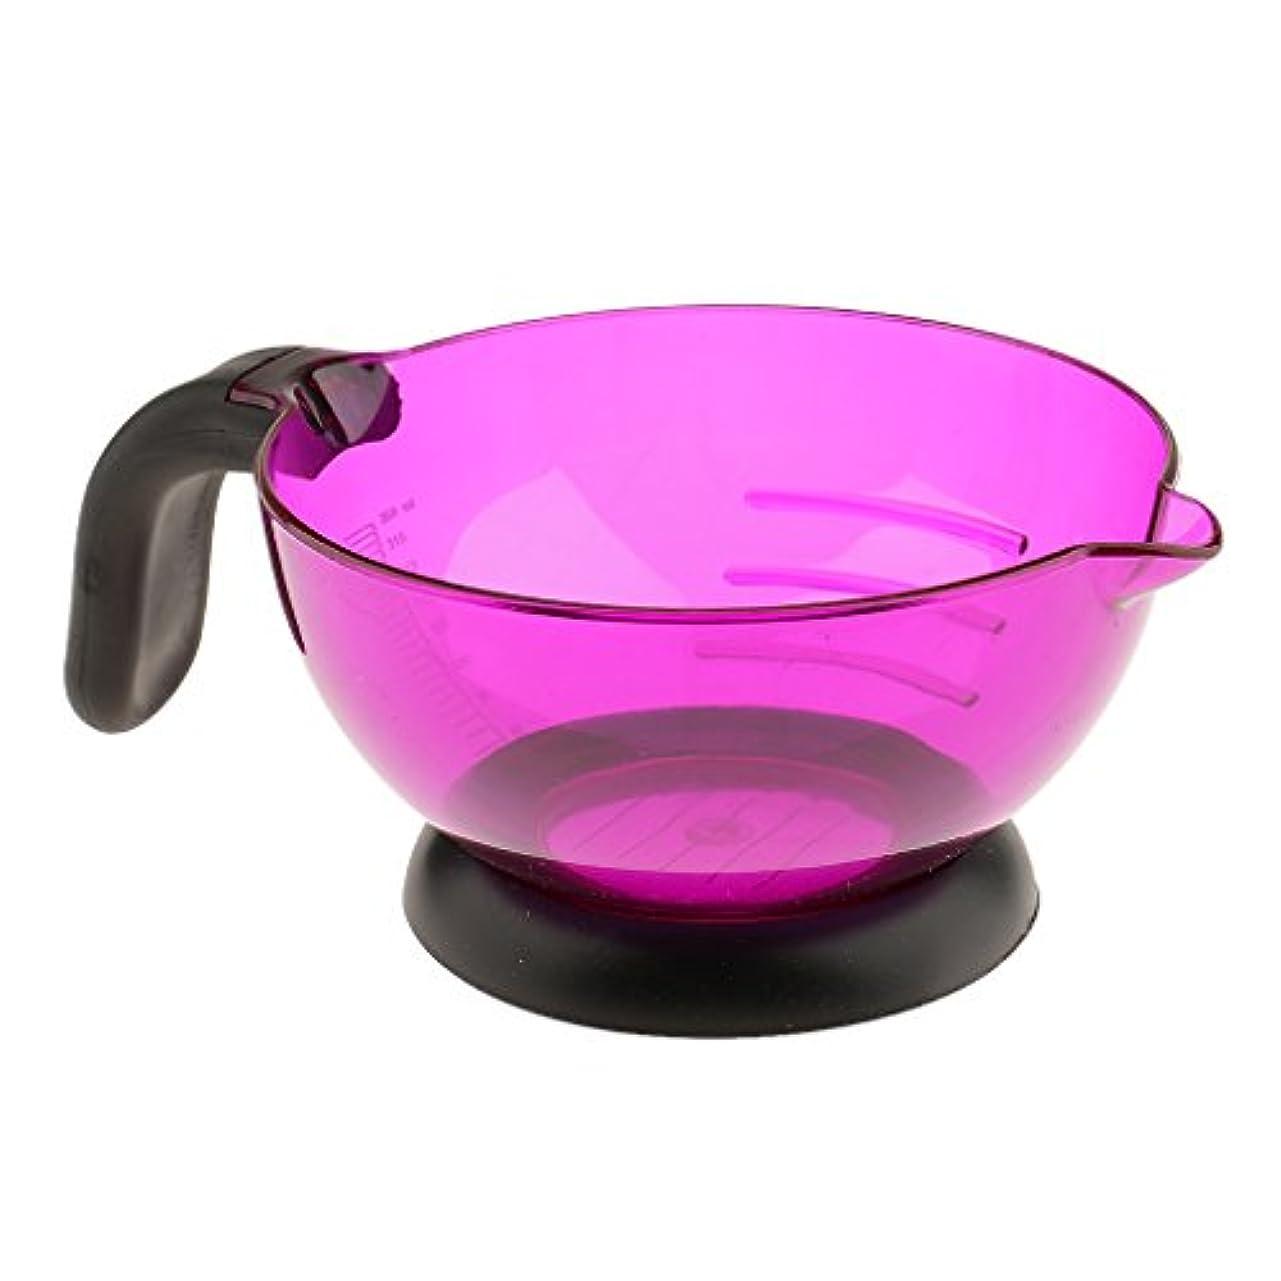 除去妖精グラムPerfeclan ヘアカラー 染め用具 美容室/サロン 染剤ボウル 調和用ボウル シリコン製 滑り止め 全3色 - 紫の